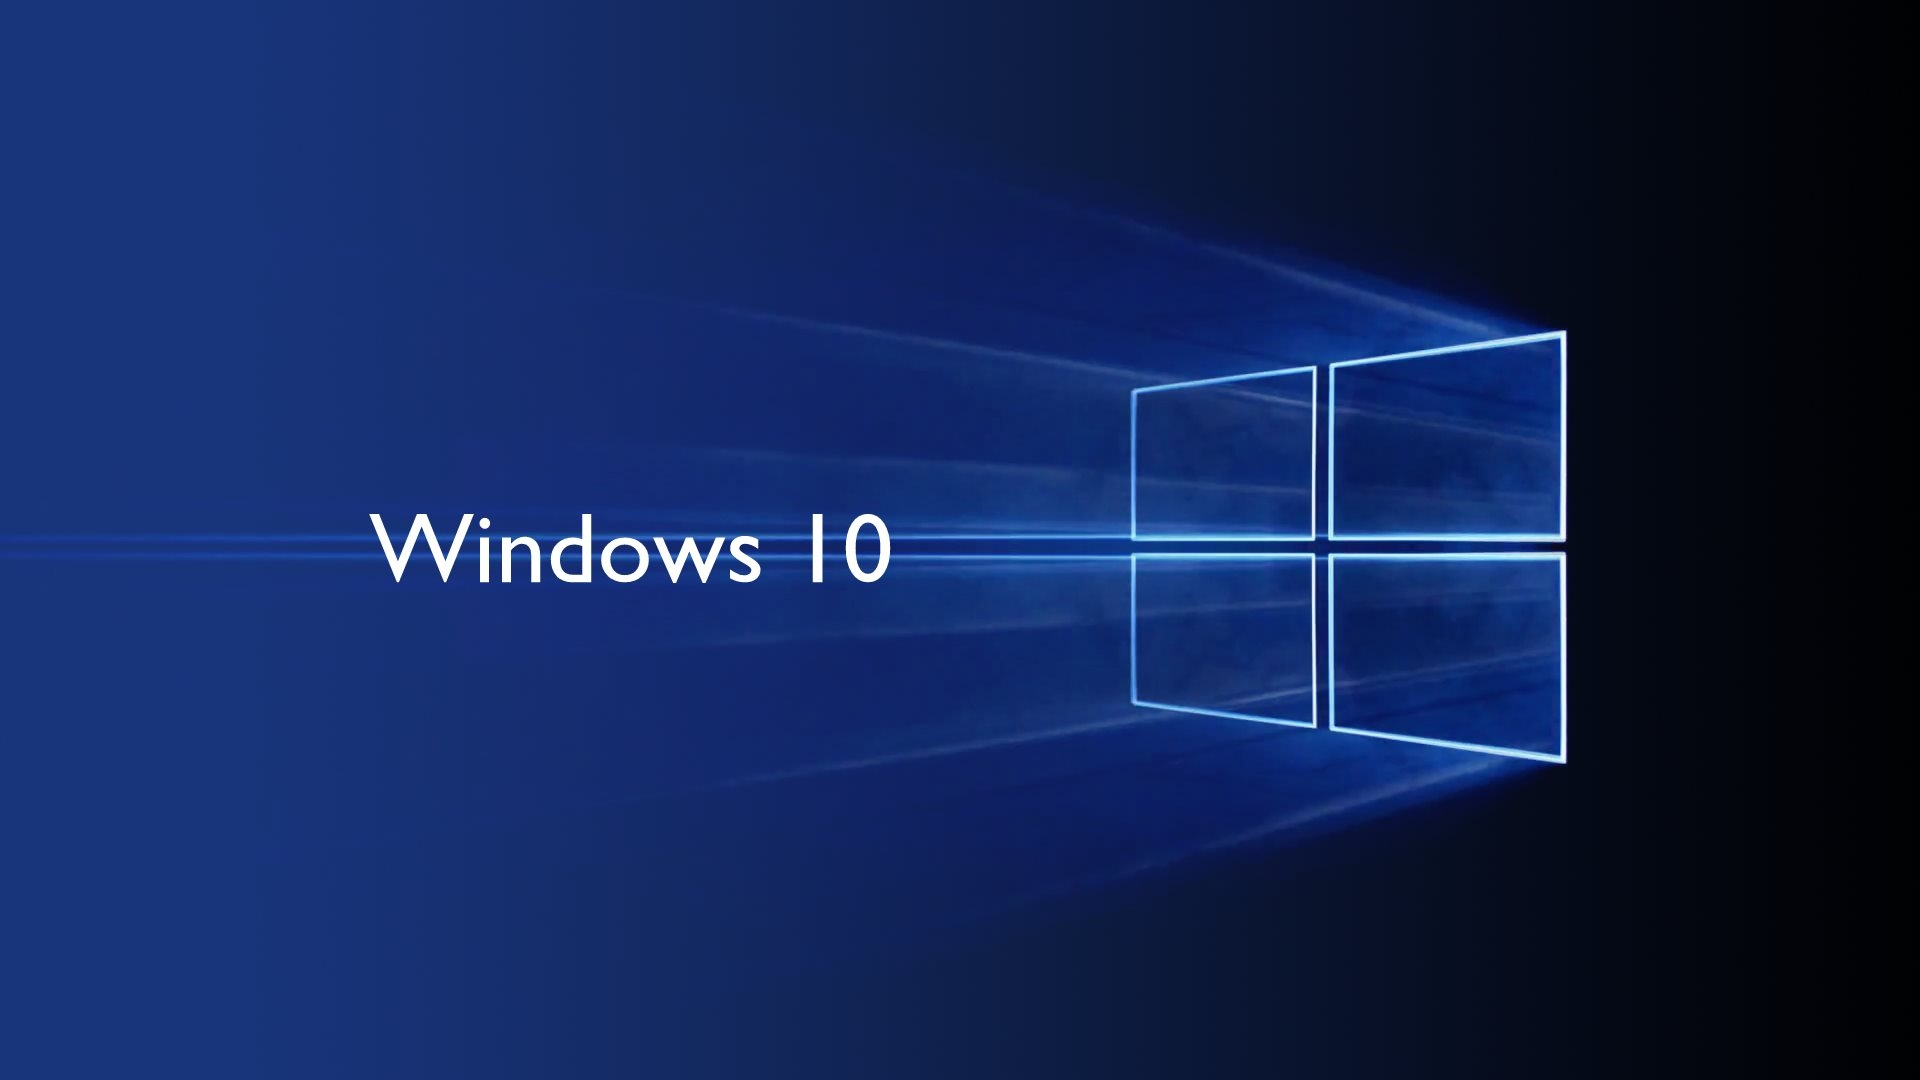 国产操作系统为何不如Windows 无法取得成功?